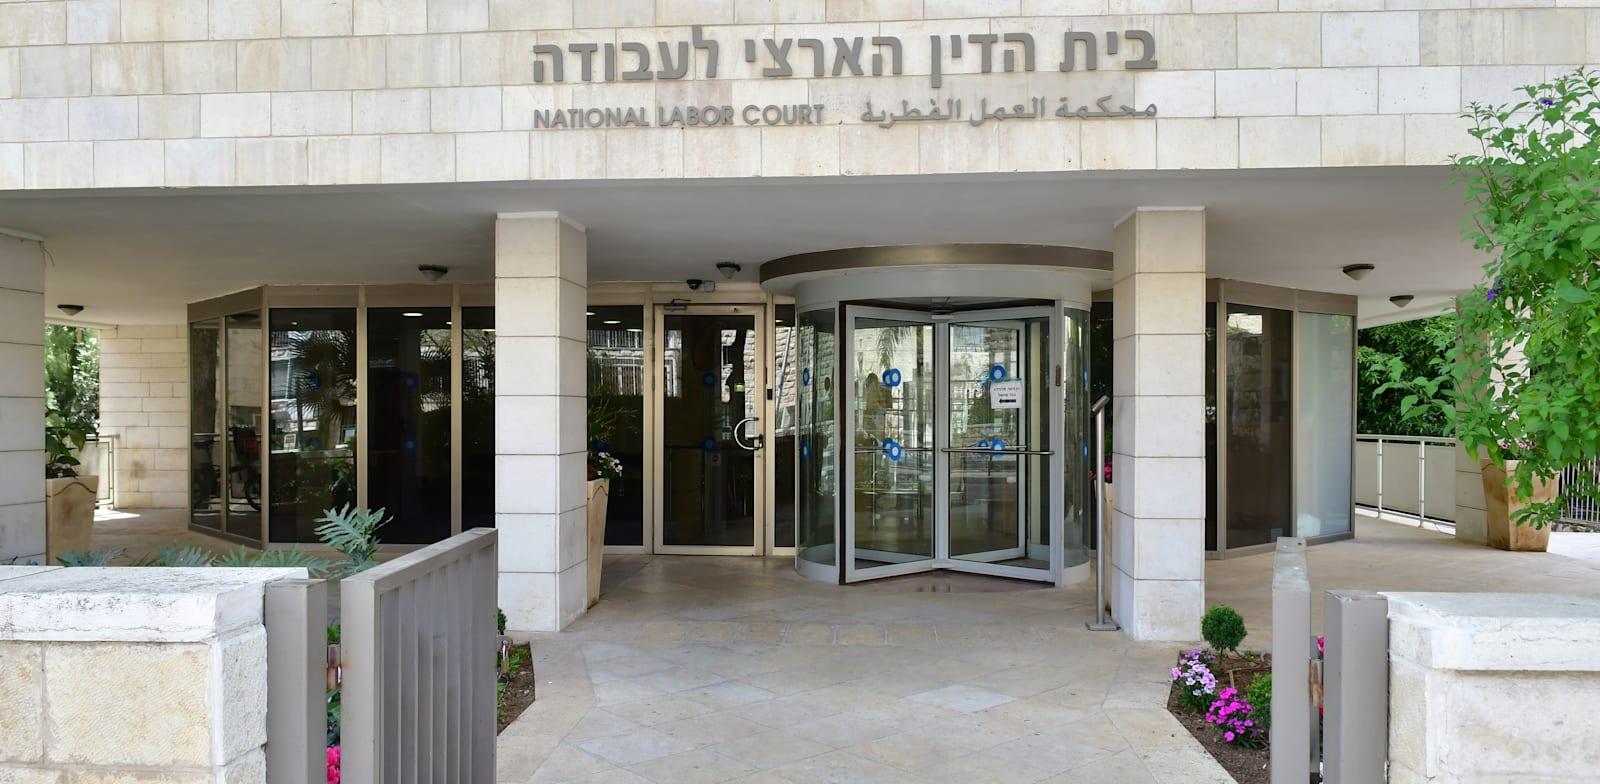 בניין בית הדין הארצי לעבודה בירושלים / צילום: רפי קוץ